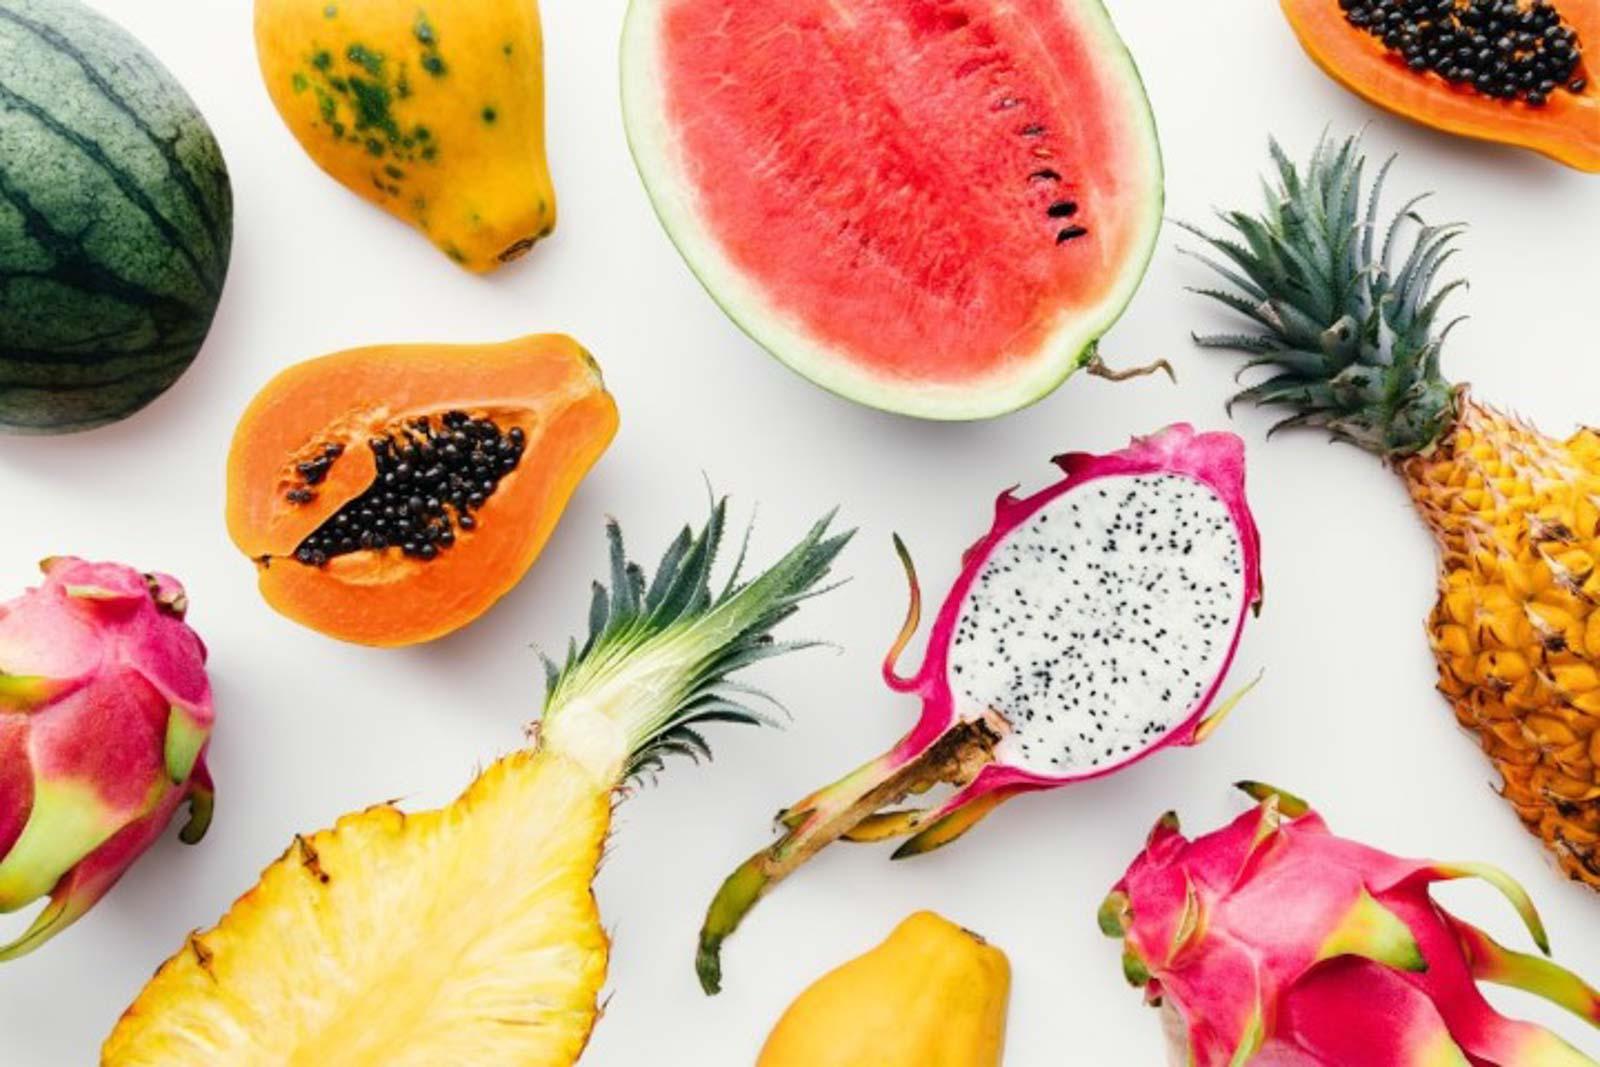 Exotische Früchte wie Papaya, Drachenfrucht, Mango, Ananas und Melone haben zu viele Zucker für die ketogene Diät